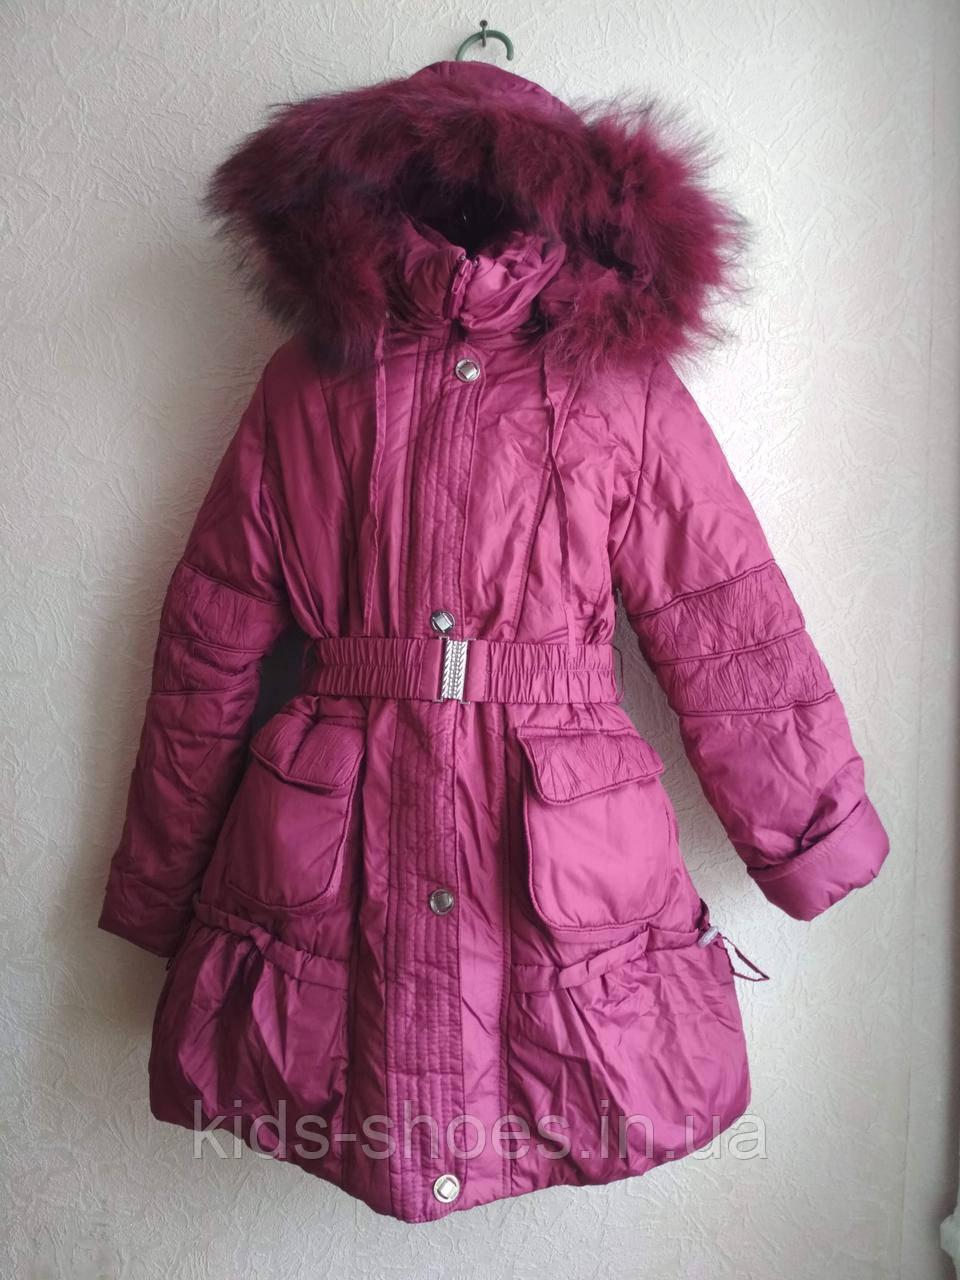 Пальто-куртка удлиненная для девочки 6-10 лет